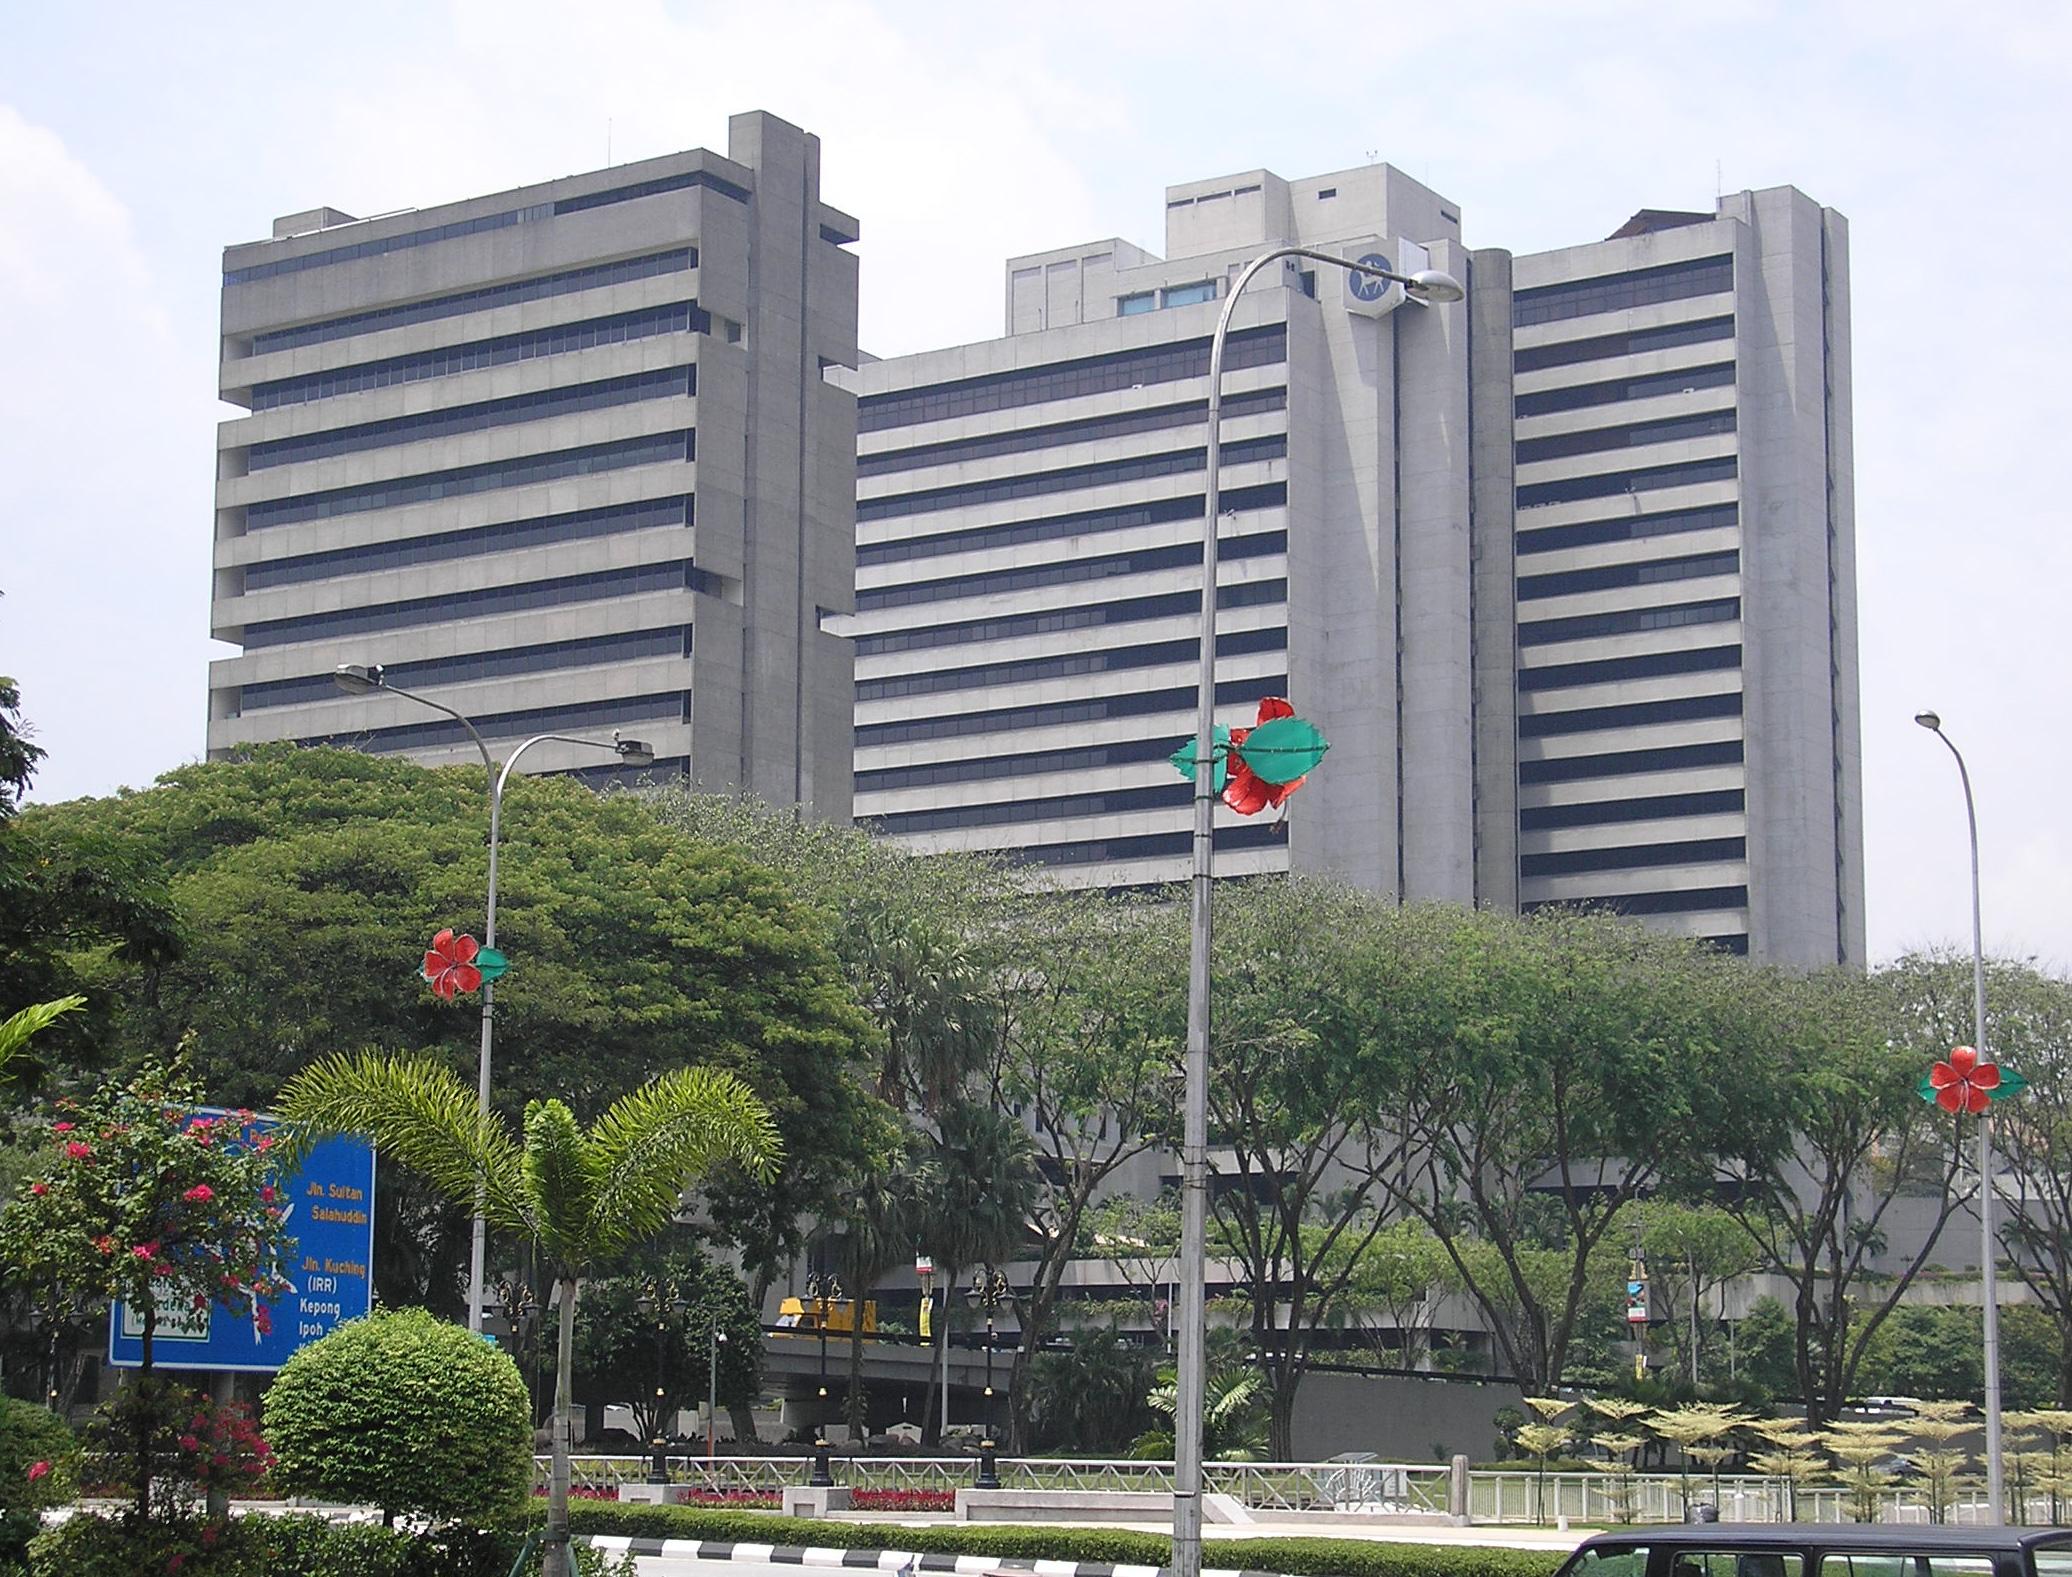 BNM headquarters in Kuala Lumpur